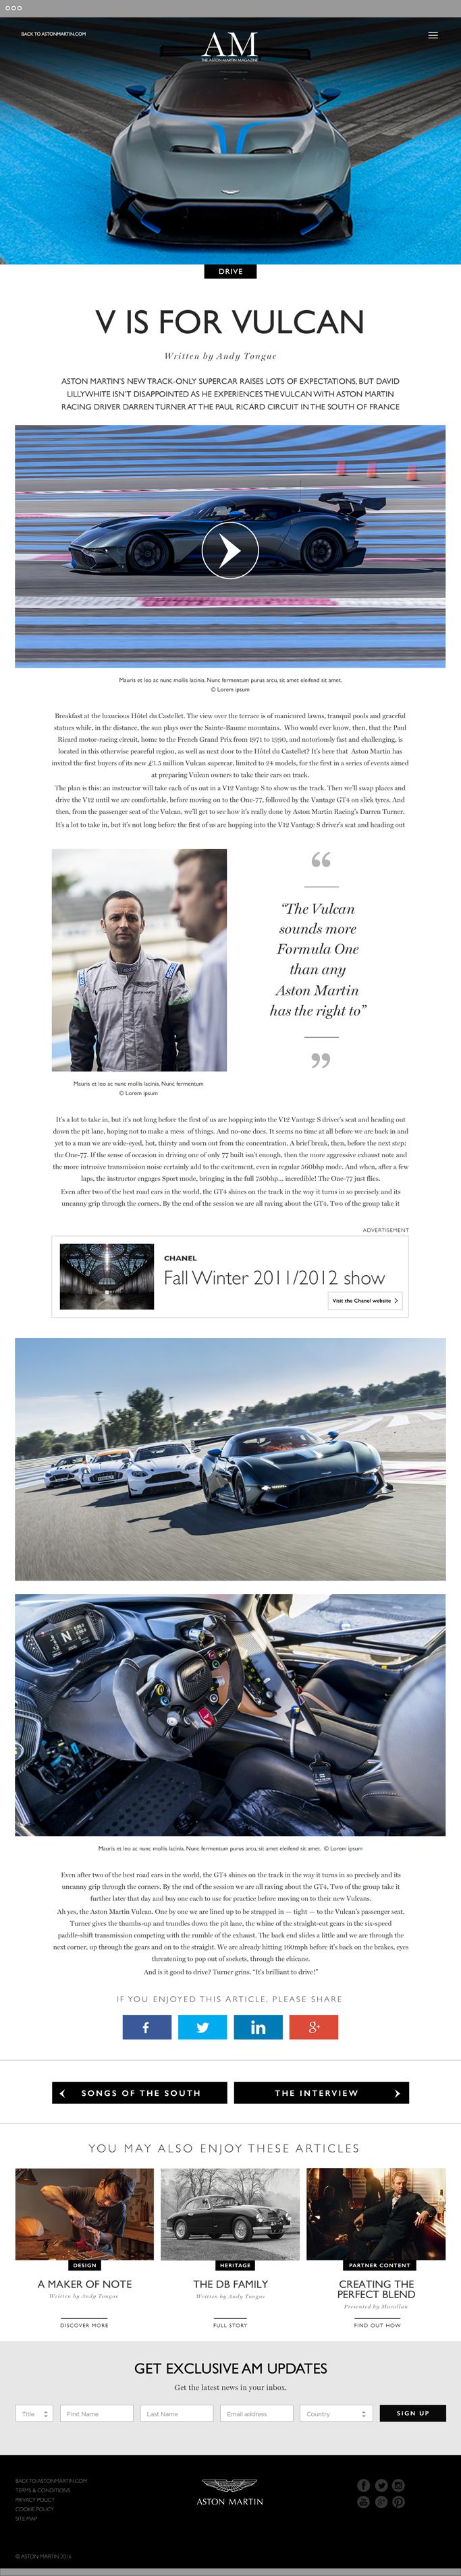 AM_dt_magazine_01.4_article_WebOP_4